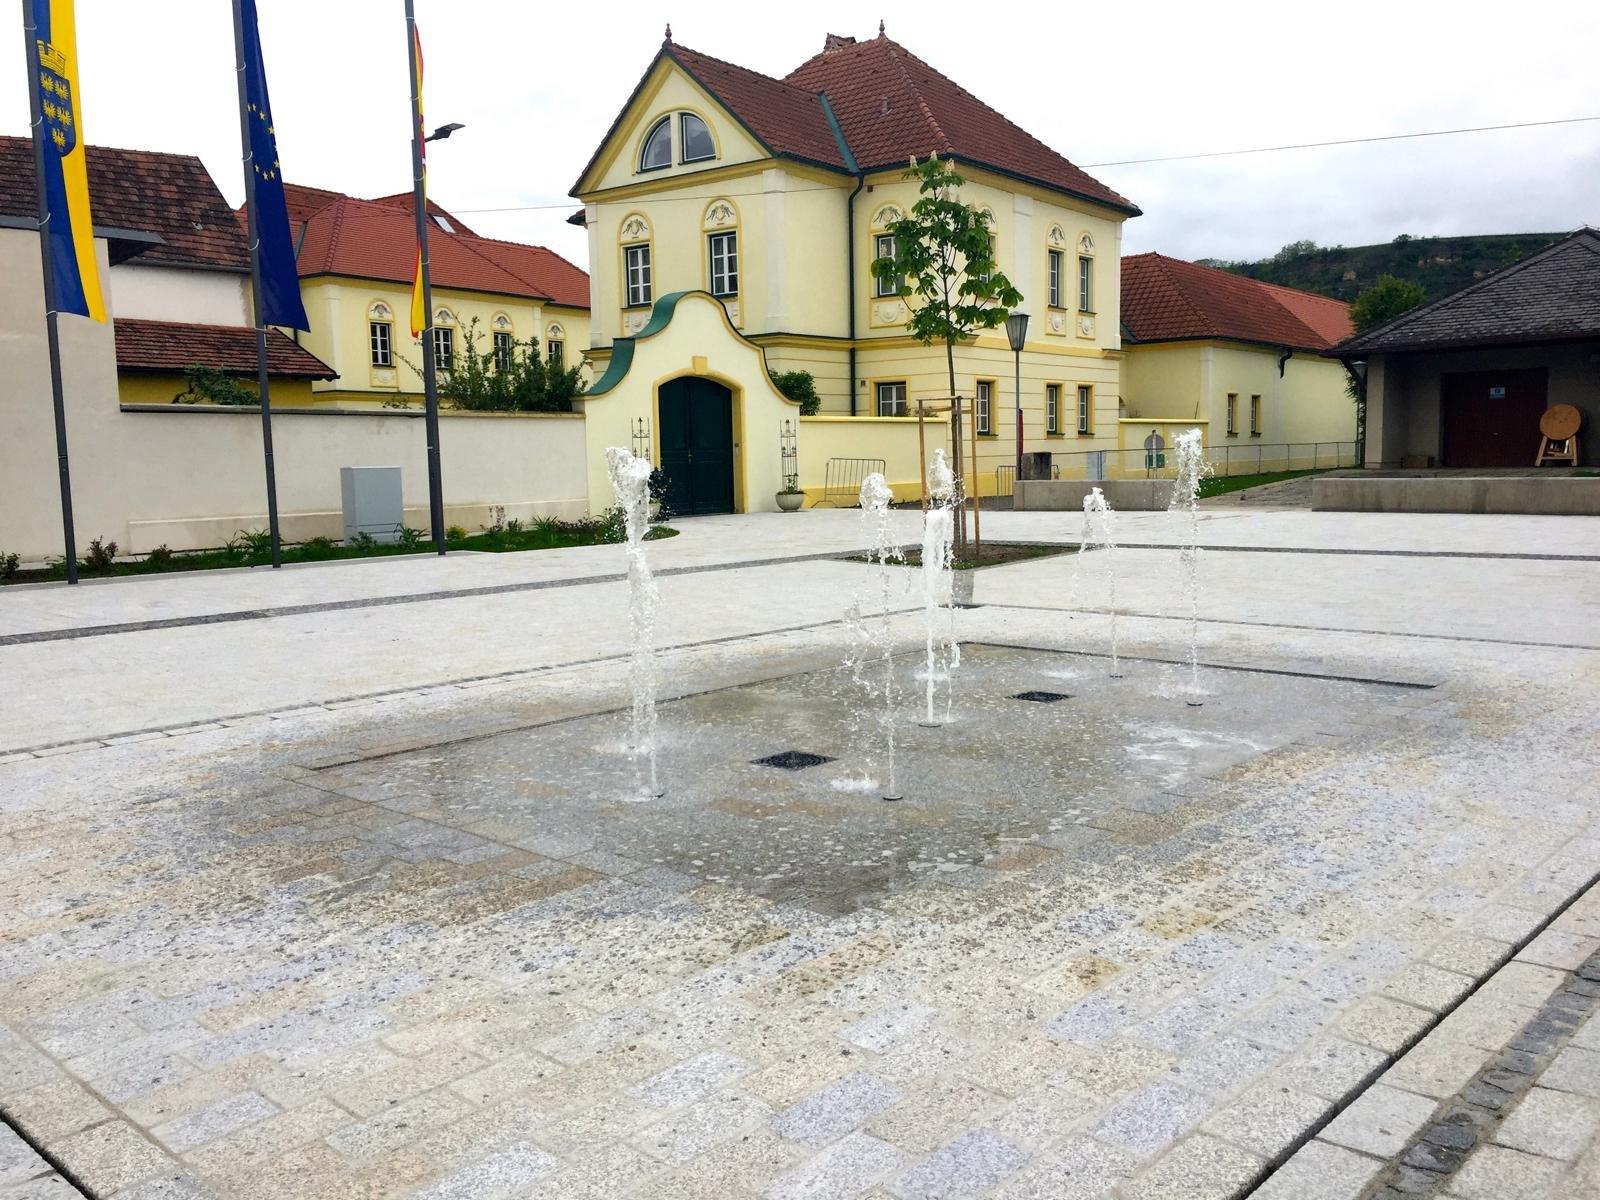 Rohrendorf1